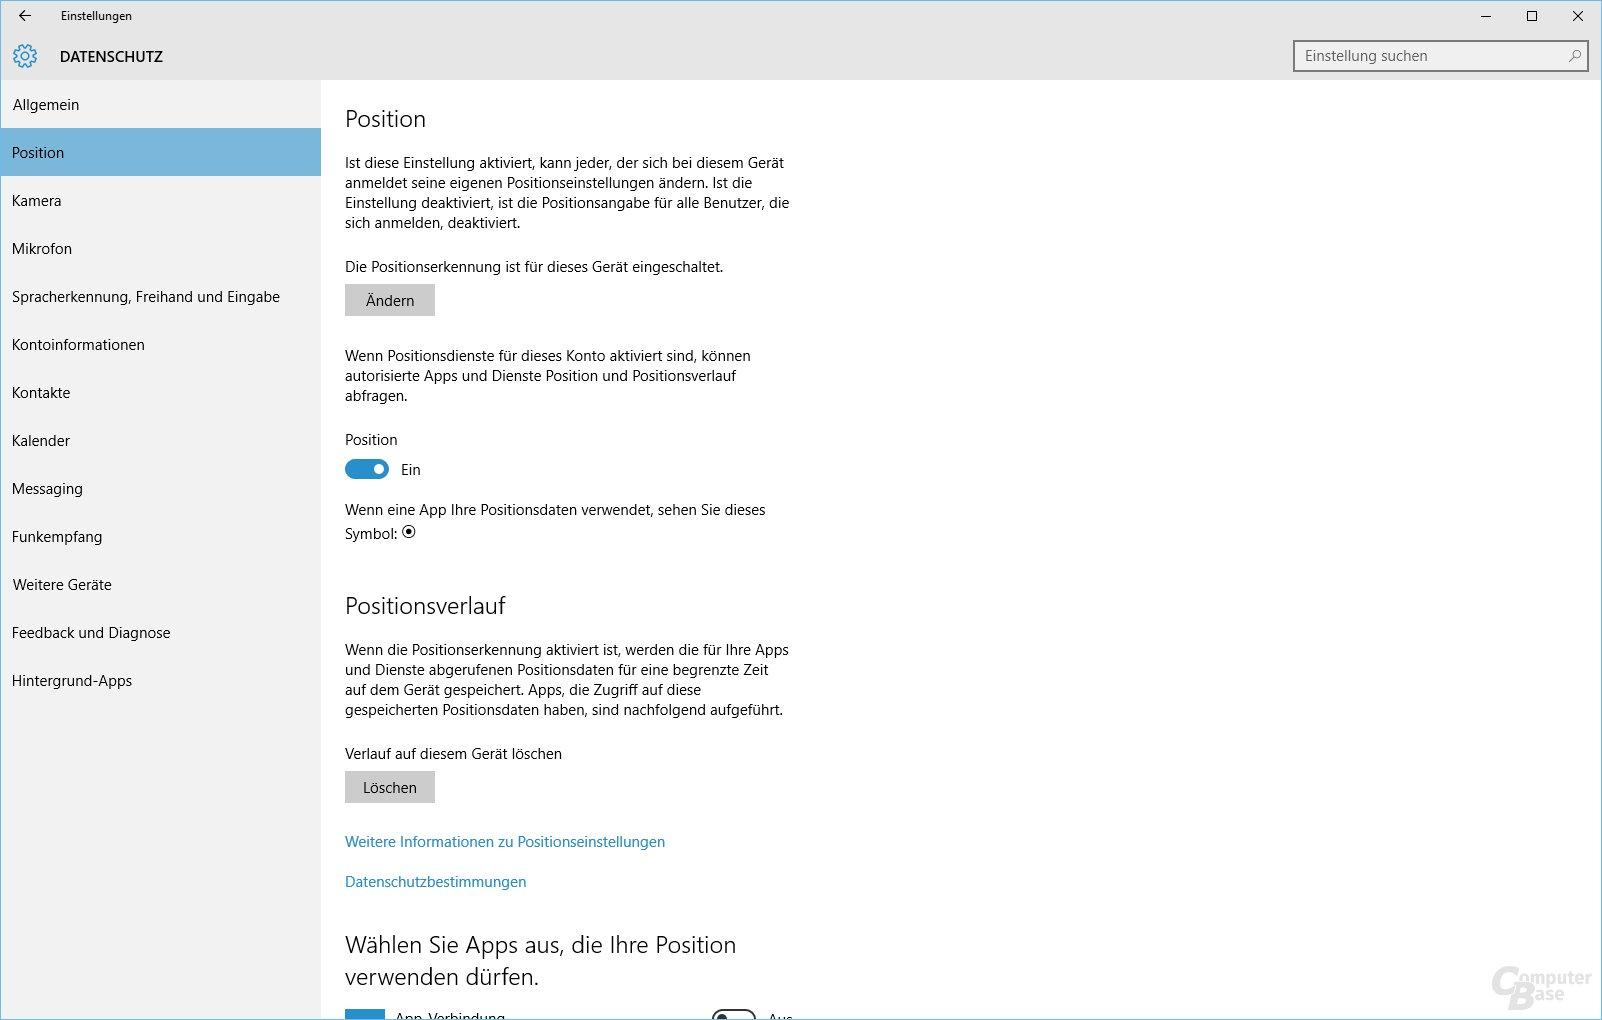 Datenschutz bei Windows 10: Ortungsdienst